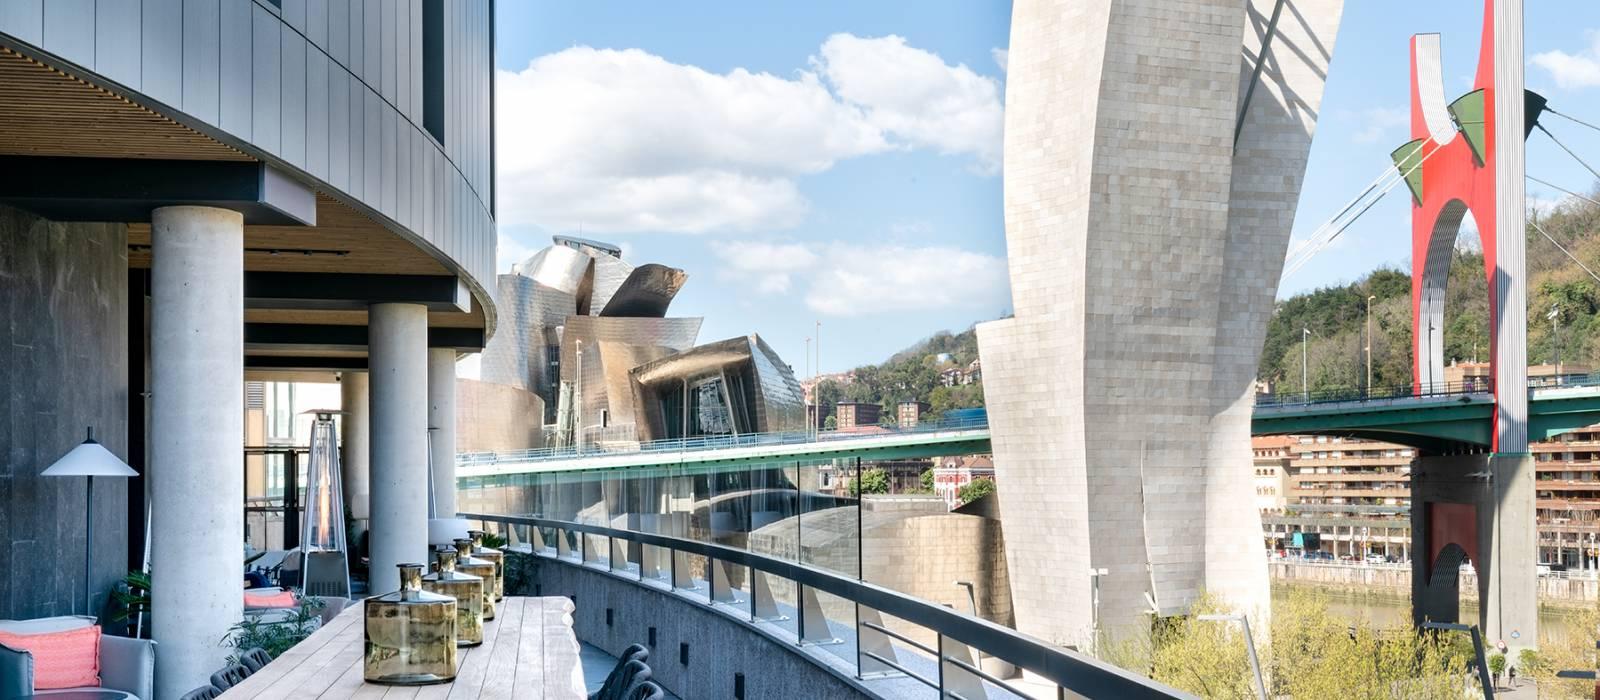 Anticipez vos vacances et économisez 10% au Vincci Consulado de Bilbao